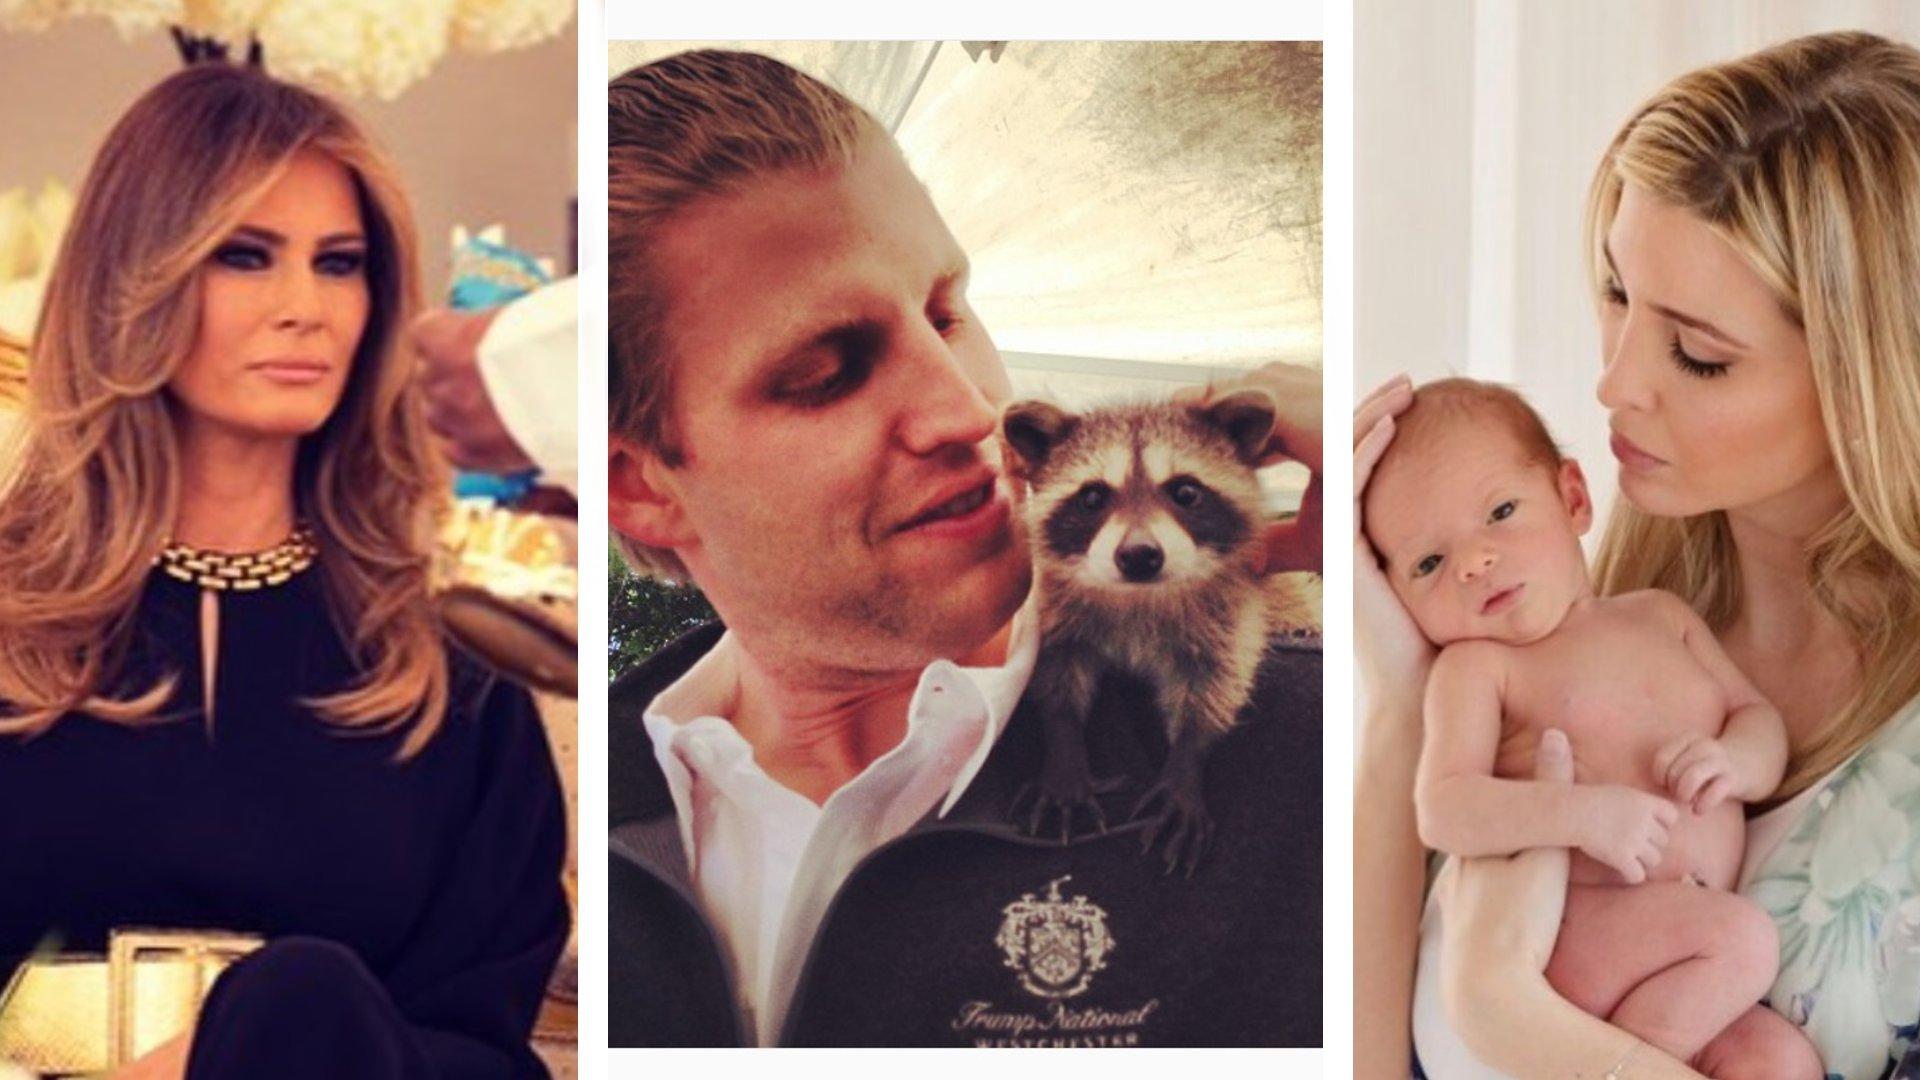 Katzen, Babys, Emojis: So zeigt sich Familie Trump auf Instagram